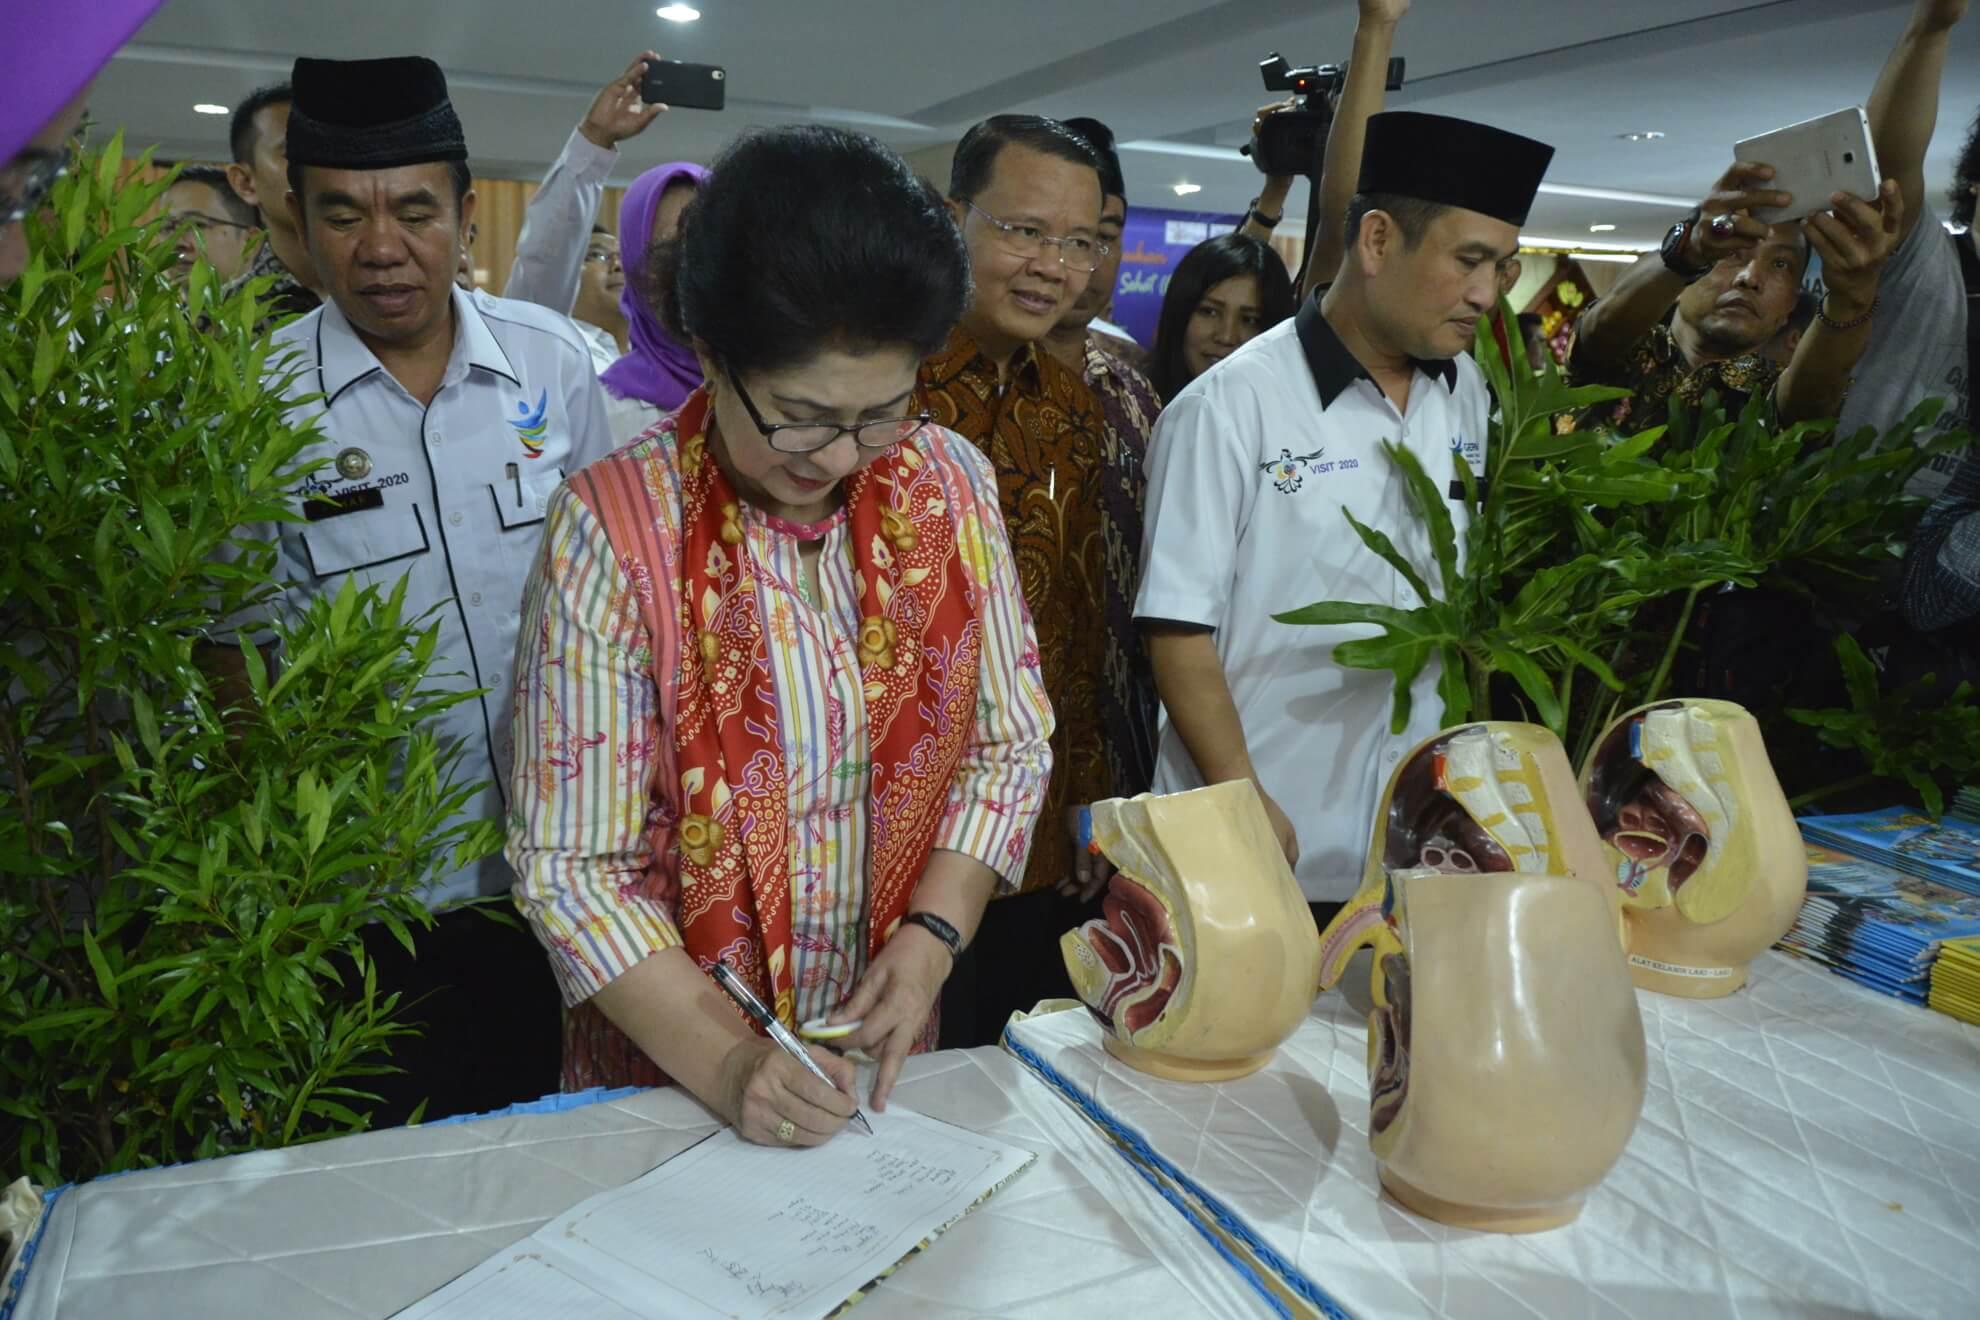 13-05-2017 Menkes Menandatangani Daftar Kunjungan Booth salah satu Peserta Pameran Kesehatan pada Acara Rakerkesda Provinsi bengkulu (R46)